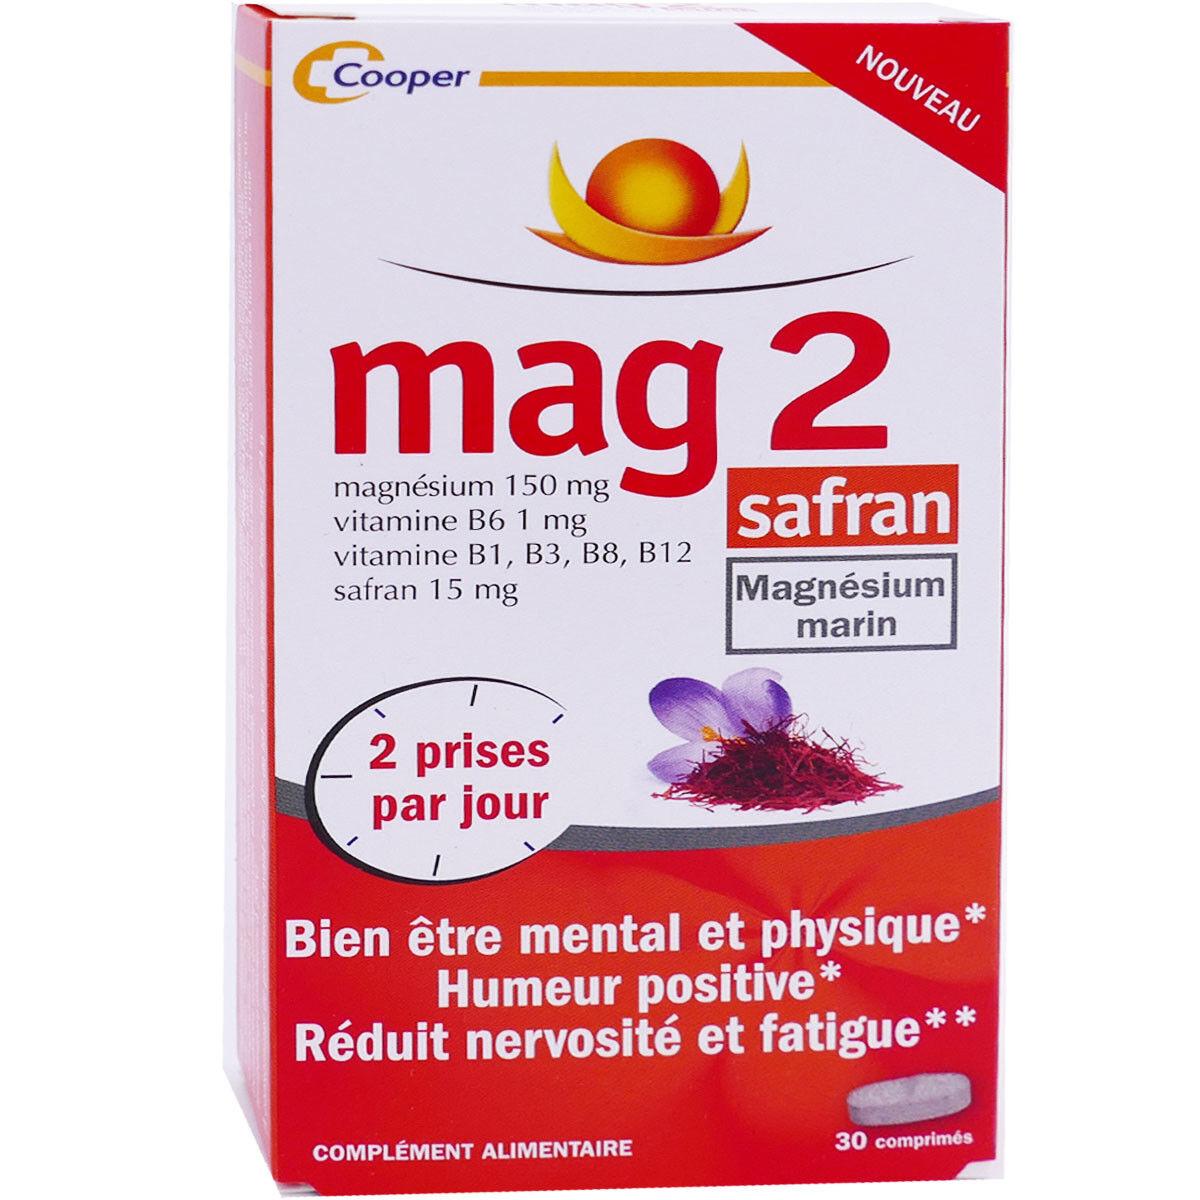 COOPER Mag 2 safran magnesium marin 30 comprimes